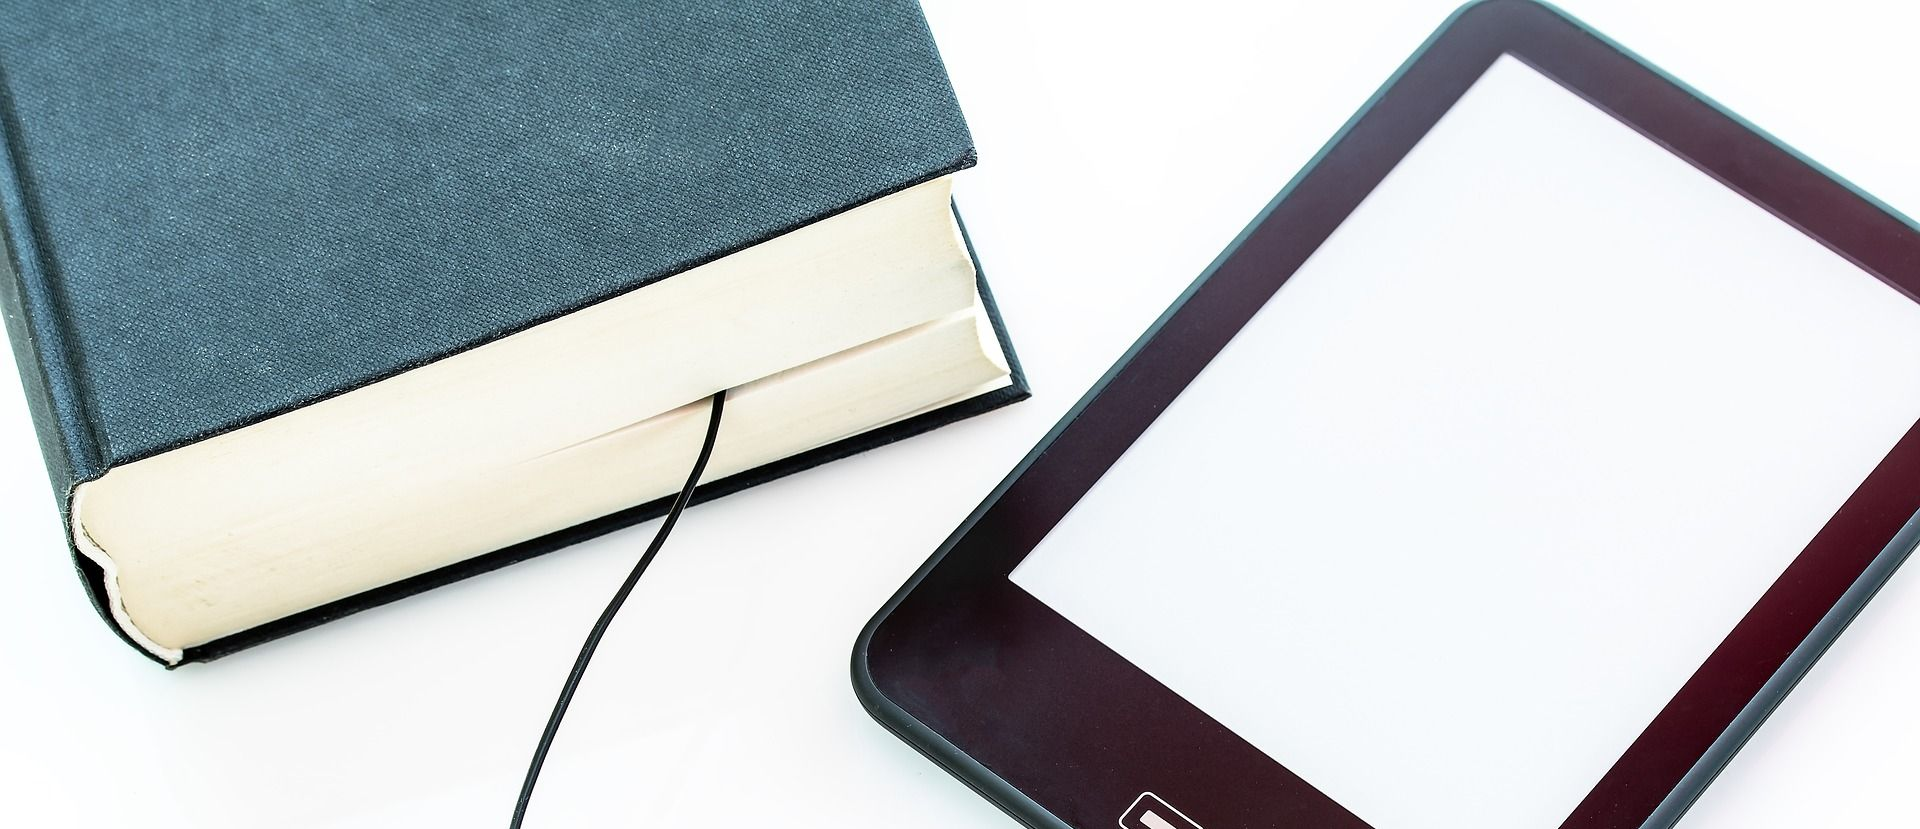 Besplatne elektroničke knjige u 2018. udvostručile broj korisnika